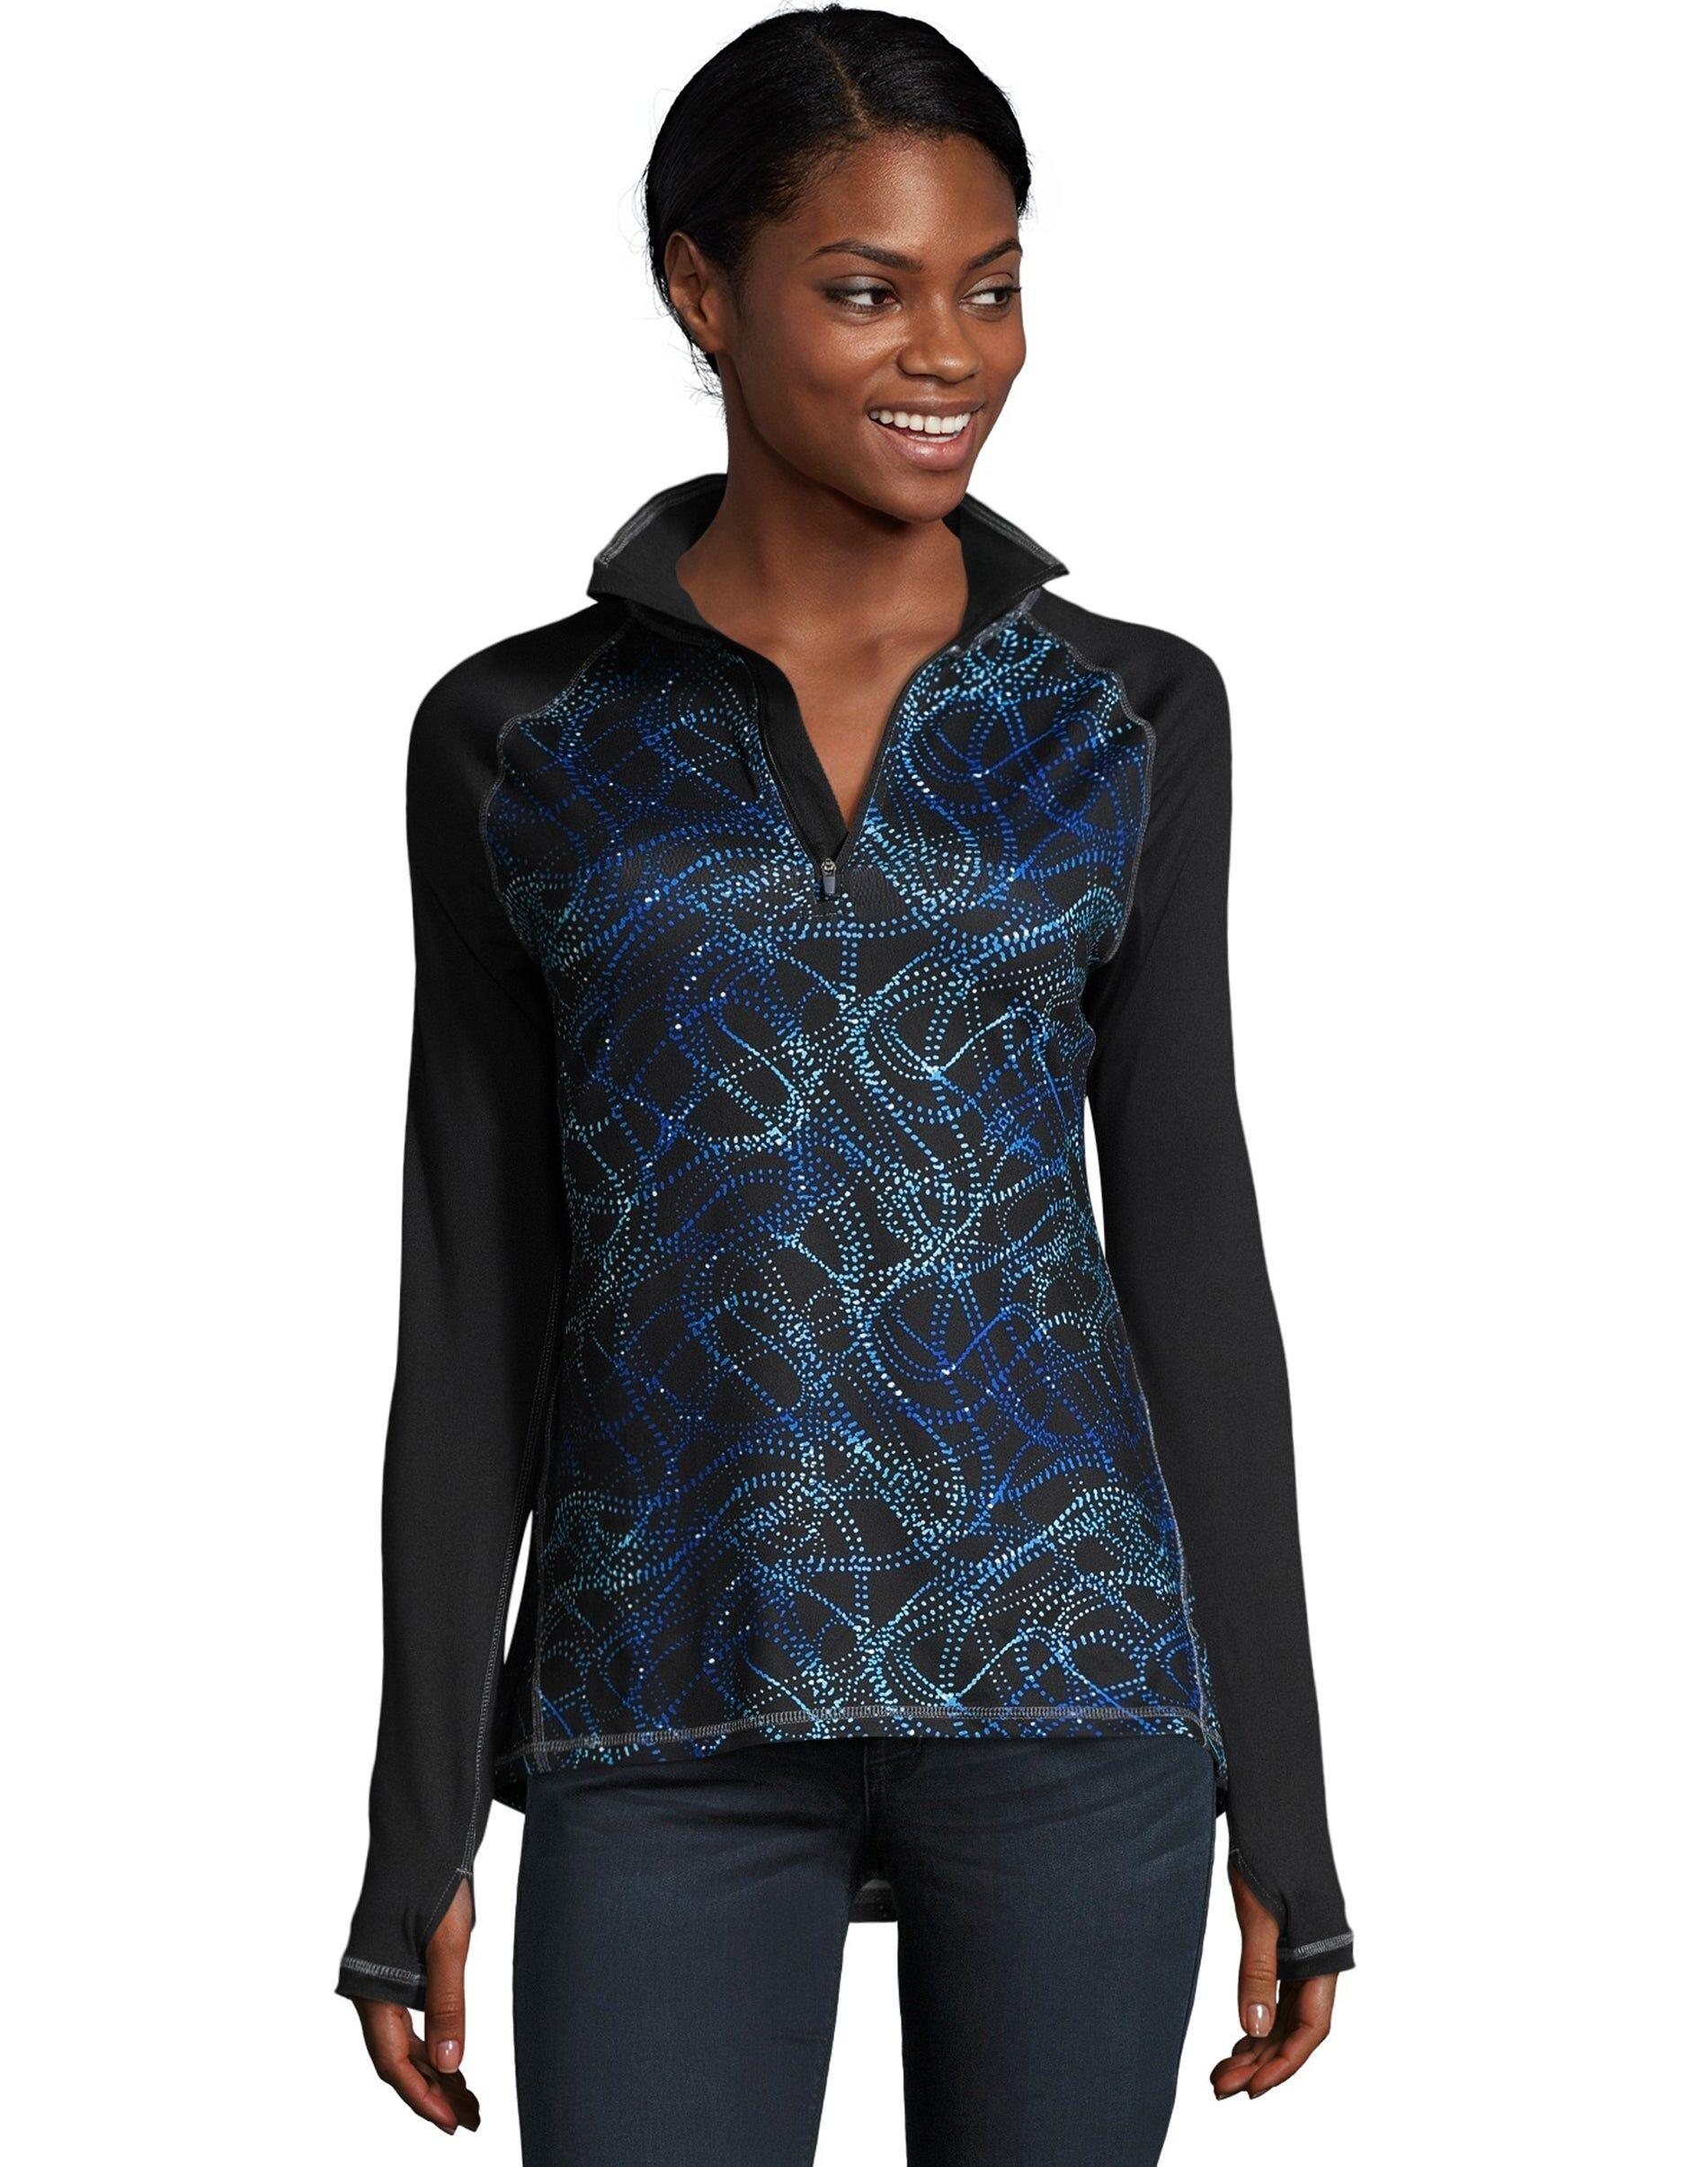 Hanes Sport Women's Performance Quarter Zip Sweatshirt Ebony/Blue Swirl Dots S